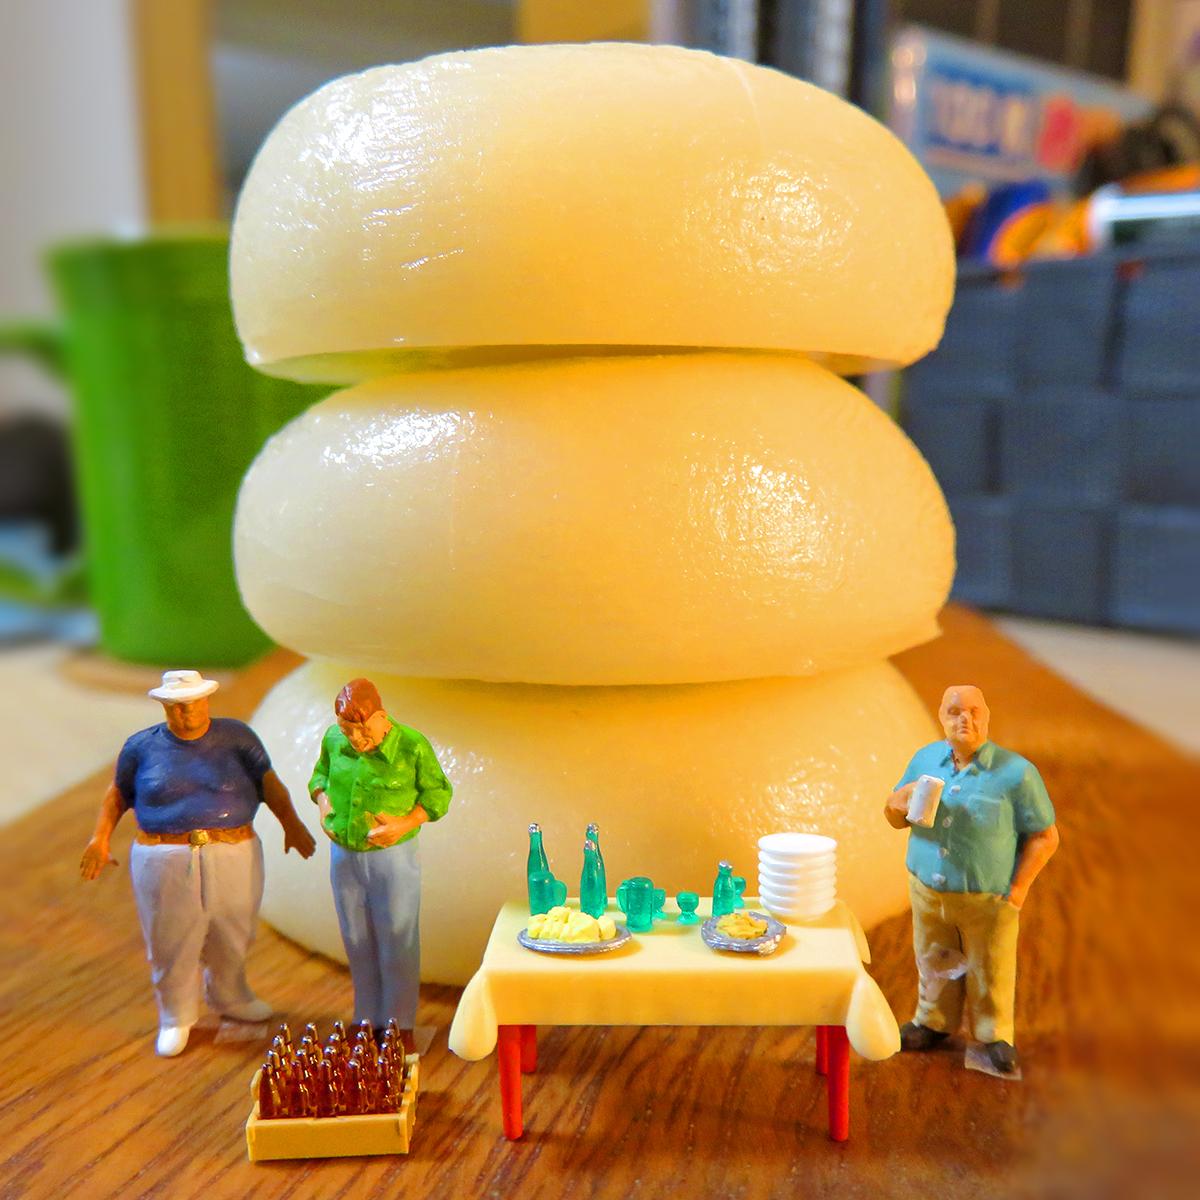 おせち料理を食べすぎてお餅みたいに三段腹になった正月太りの男たち